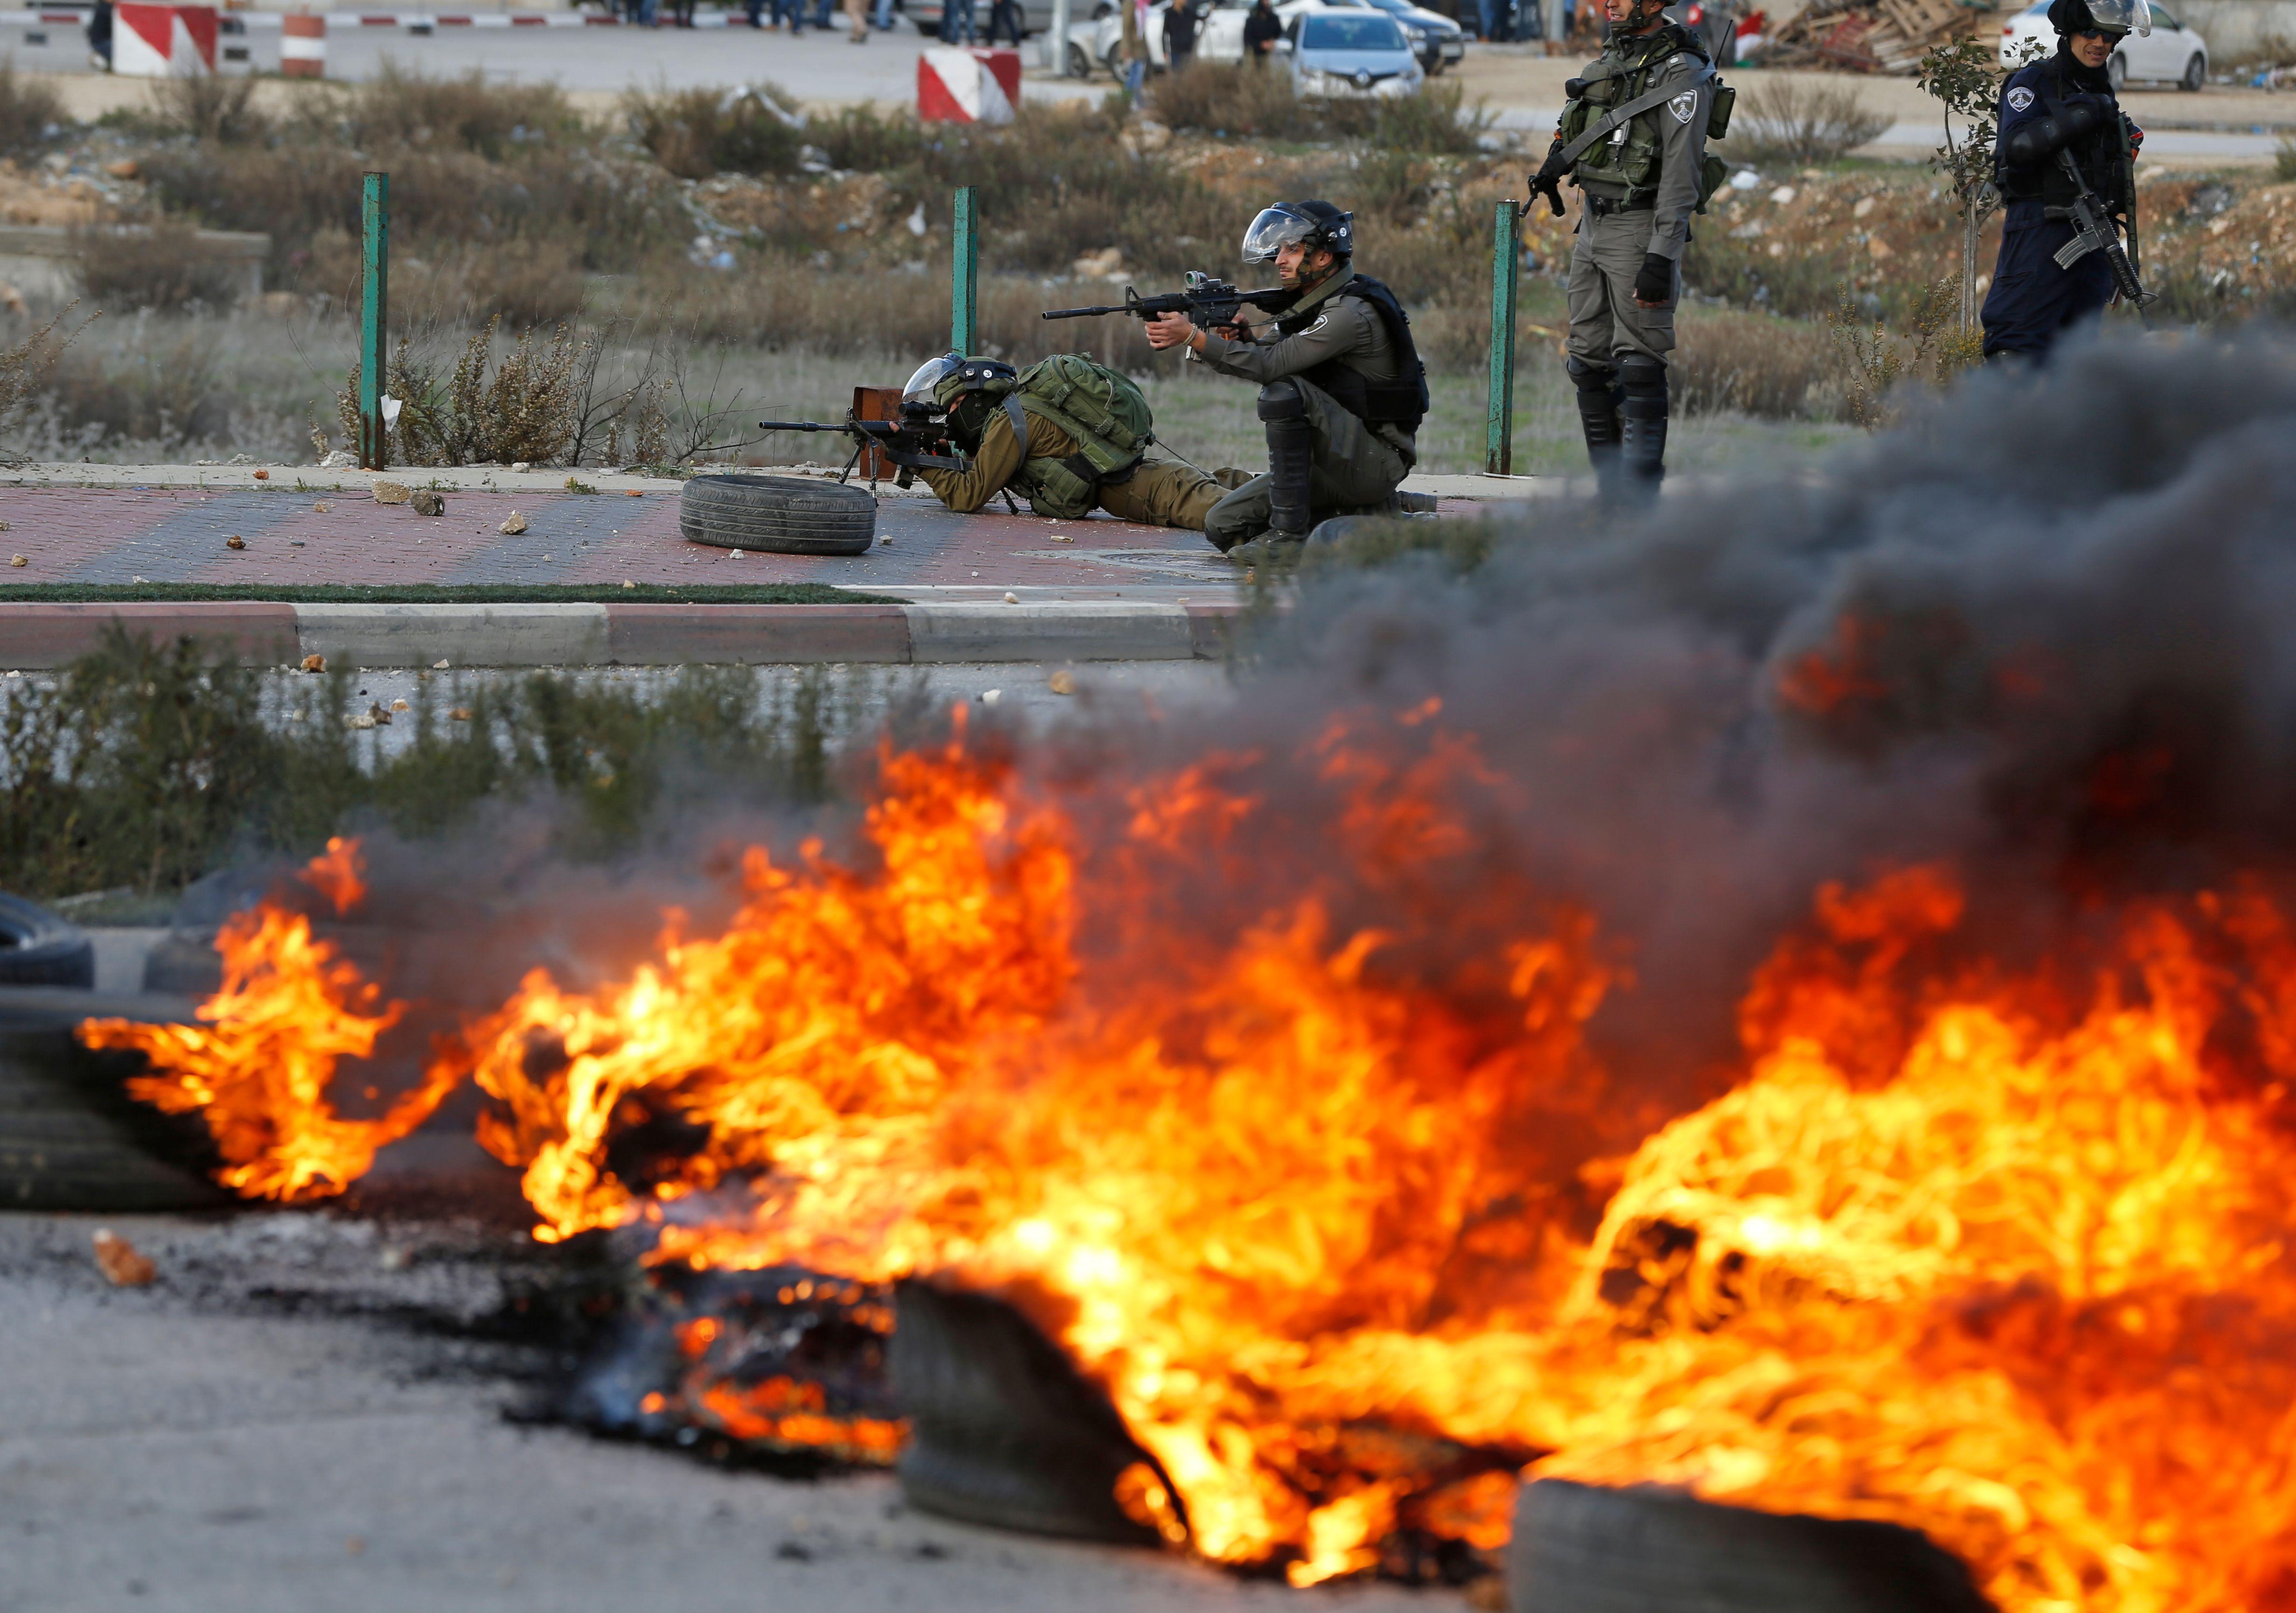 اشعال الاطارات وجنود الاحتلال يطلقون الرصاص الحى على الفلسطينيين